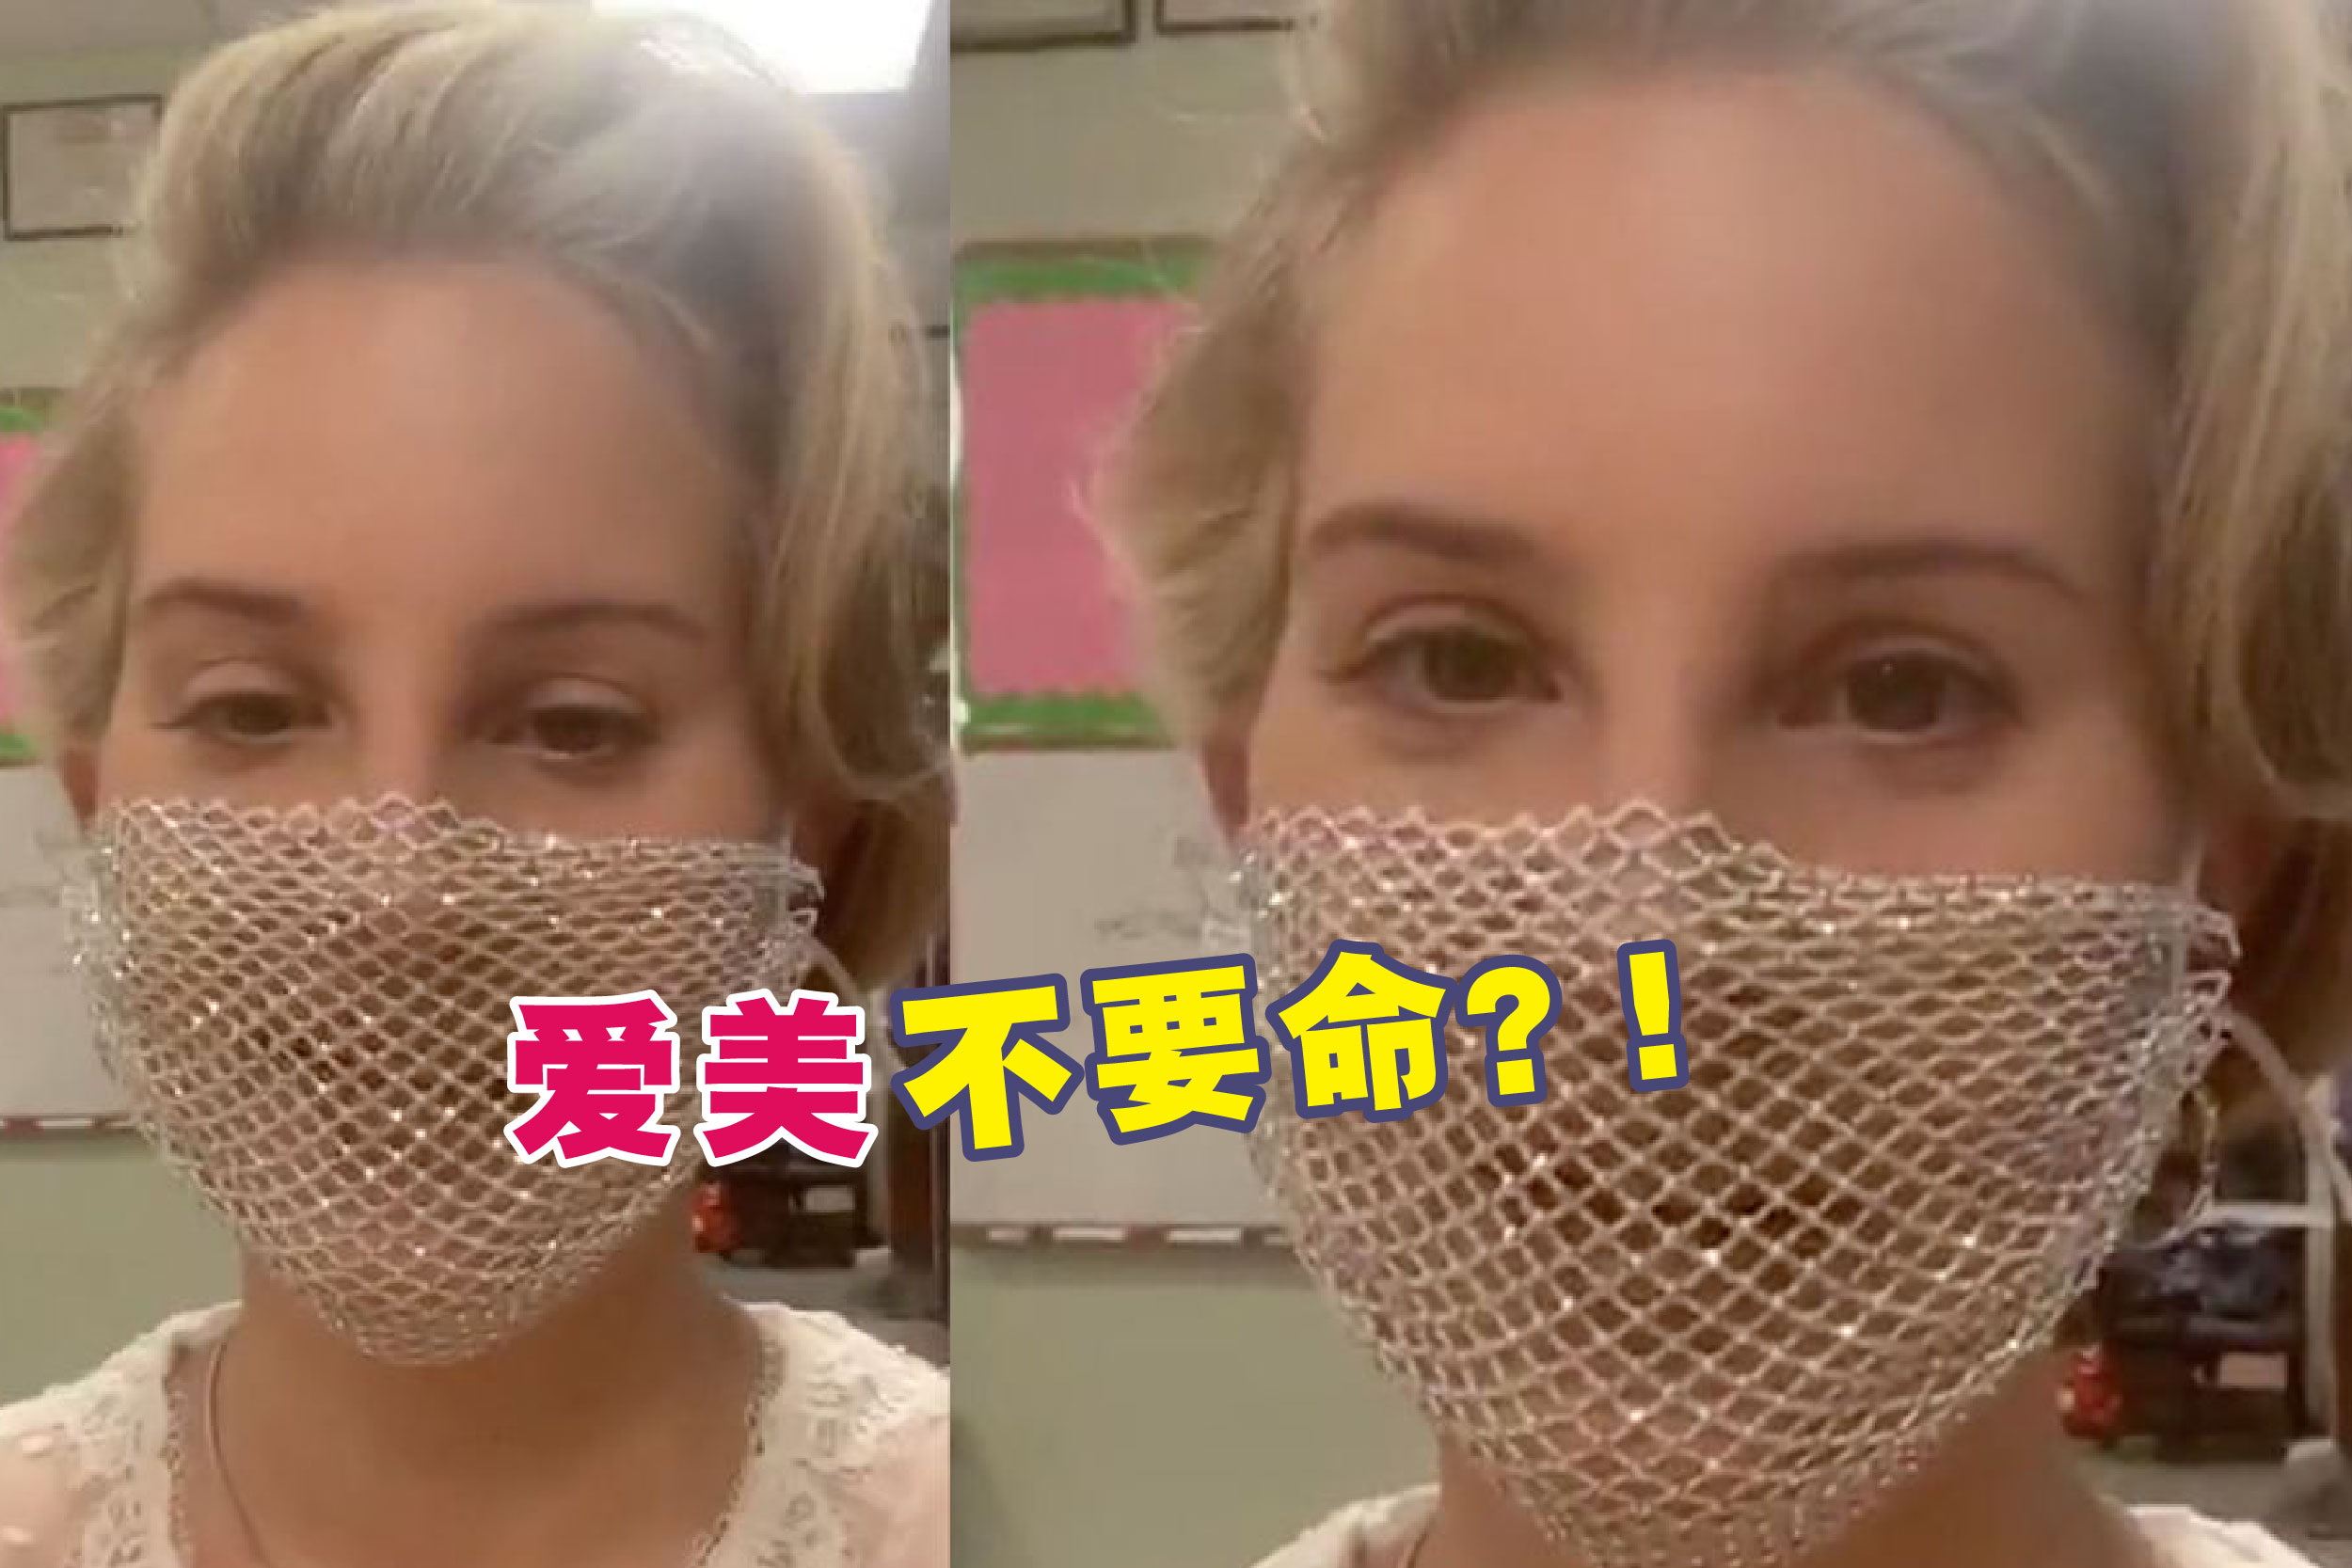 美国女歌手拉娜德雷,戴着装饰用网格口罩出席洛杉矶签书会遭粉丝炮轰。-摘自lanadelrey Instagram/精彩大马制图-